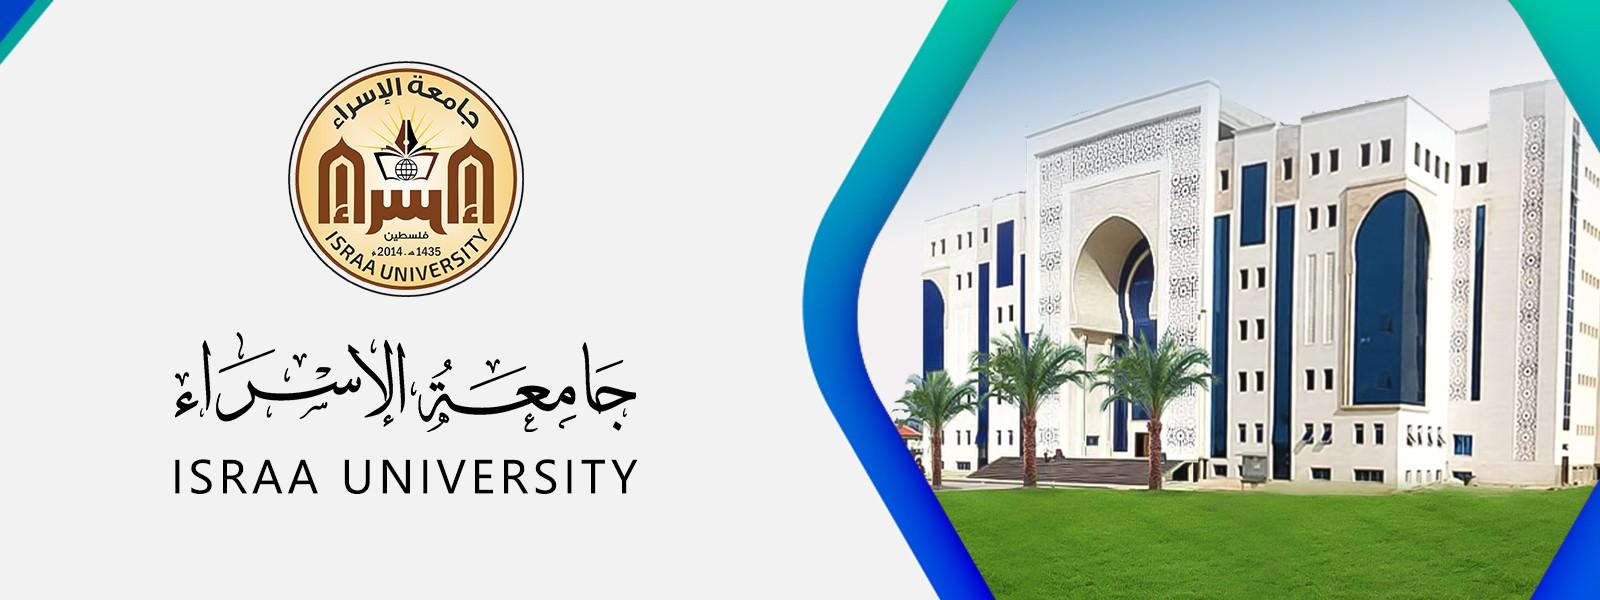 جامعة الإسراء - التغيير نحو الاحتراف